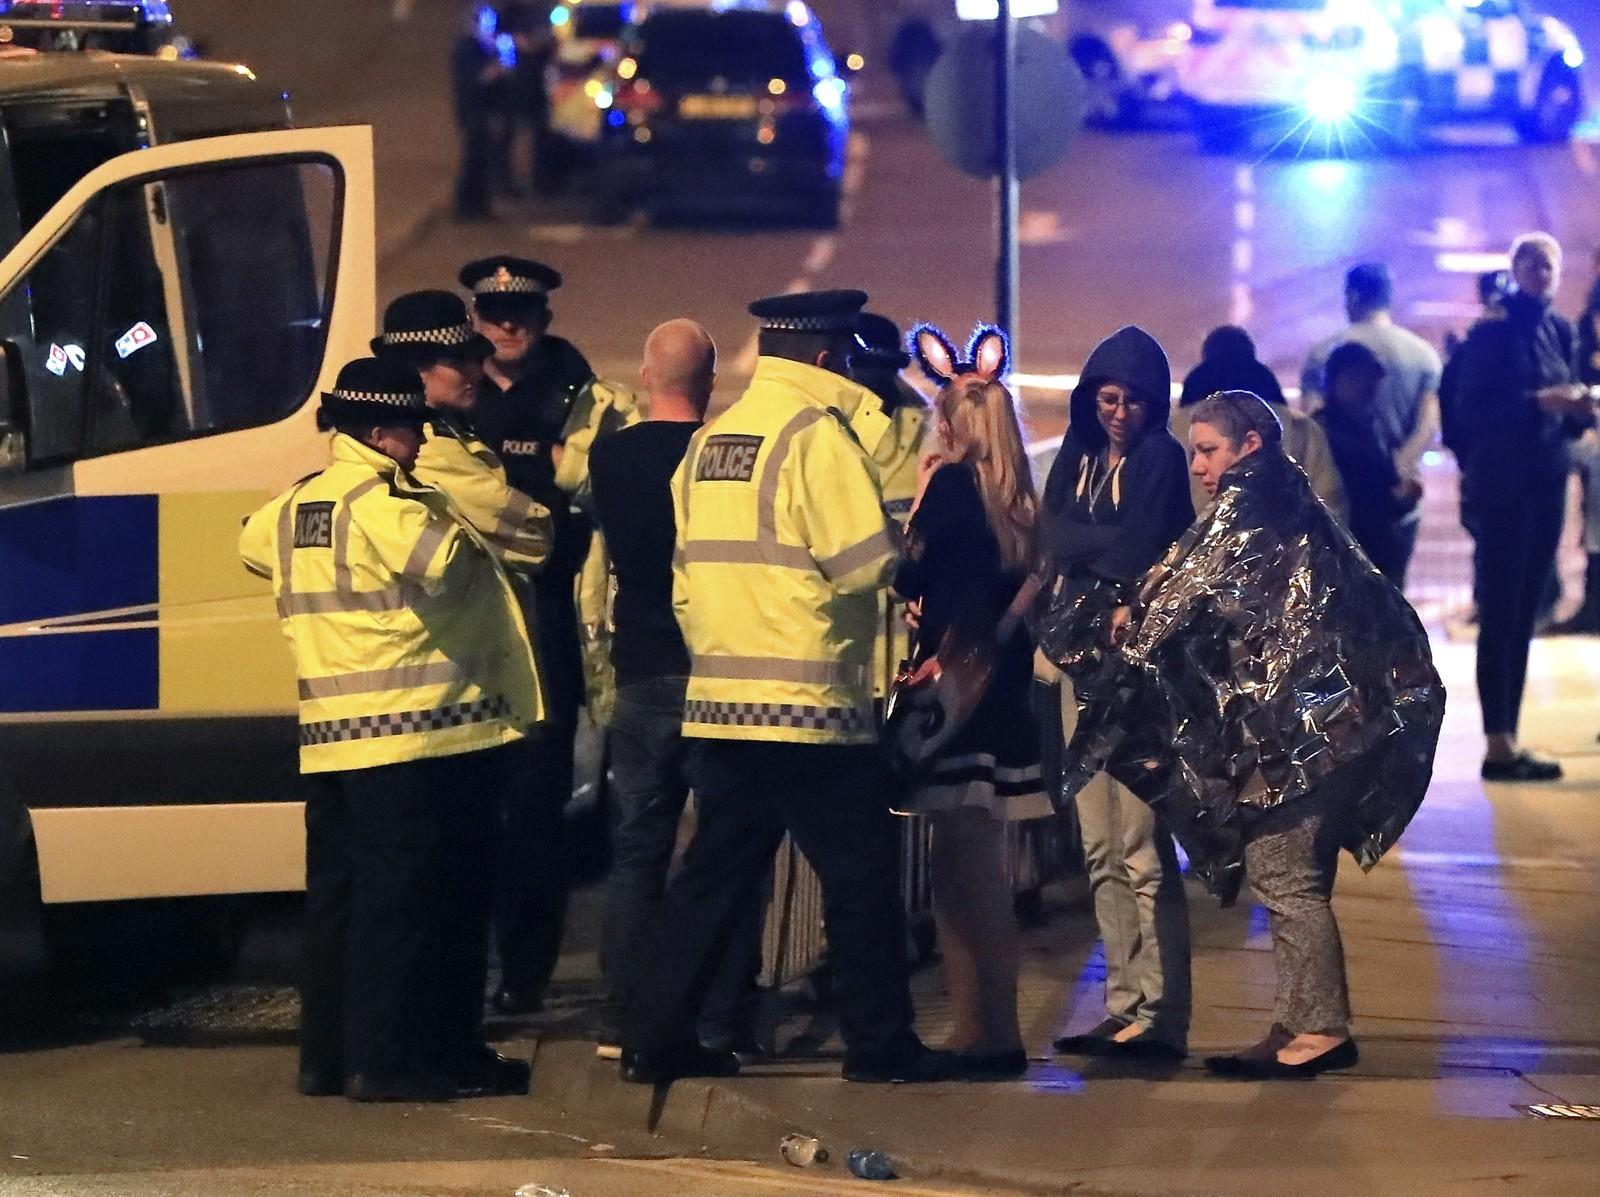 Homem é detido na investigação do atentado de Manchester